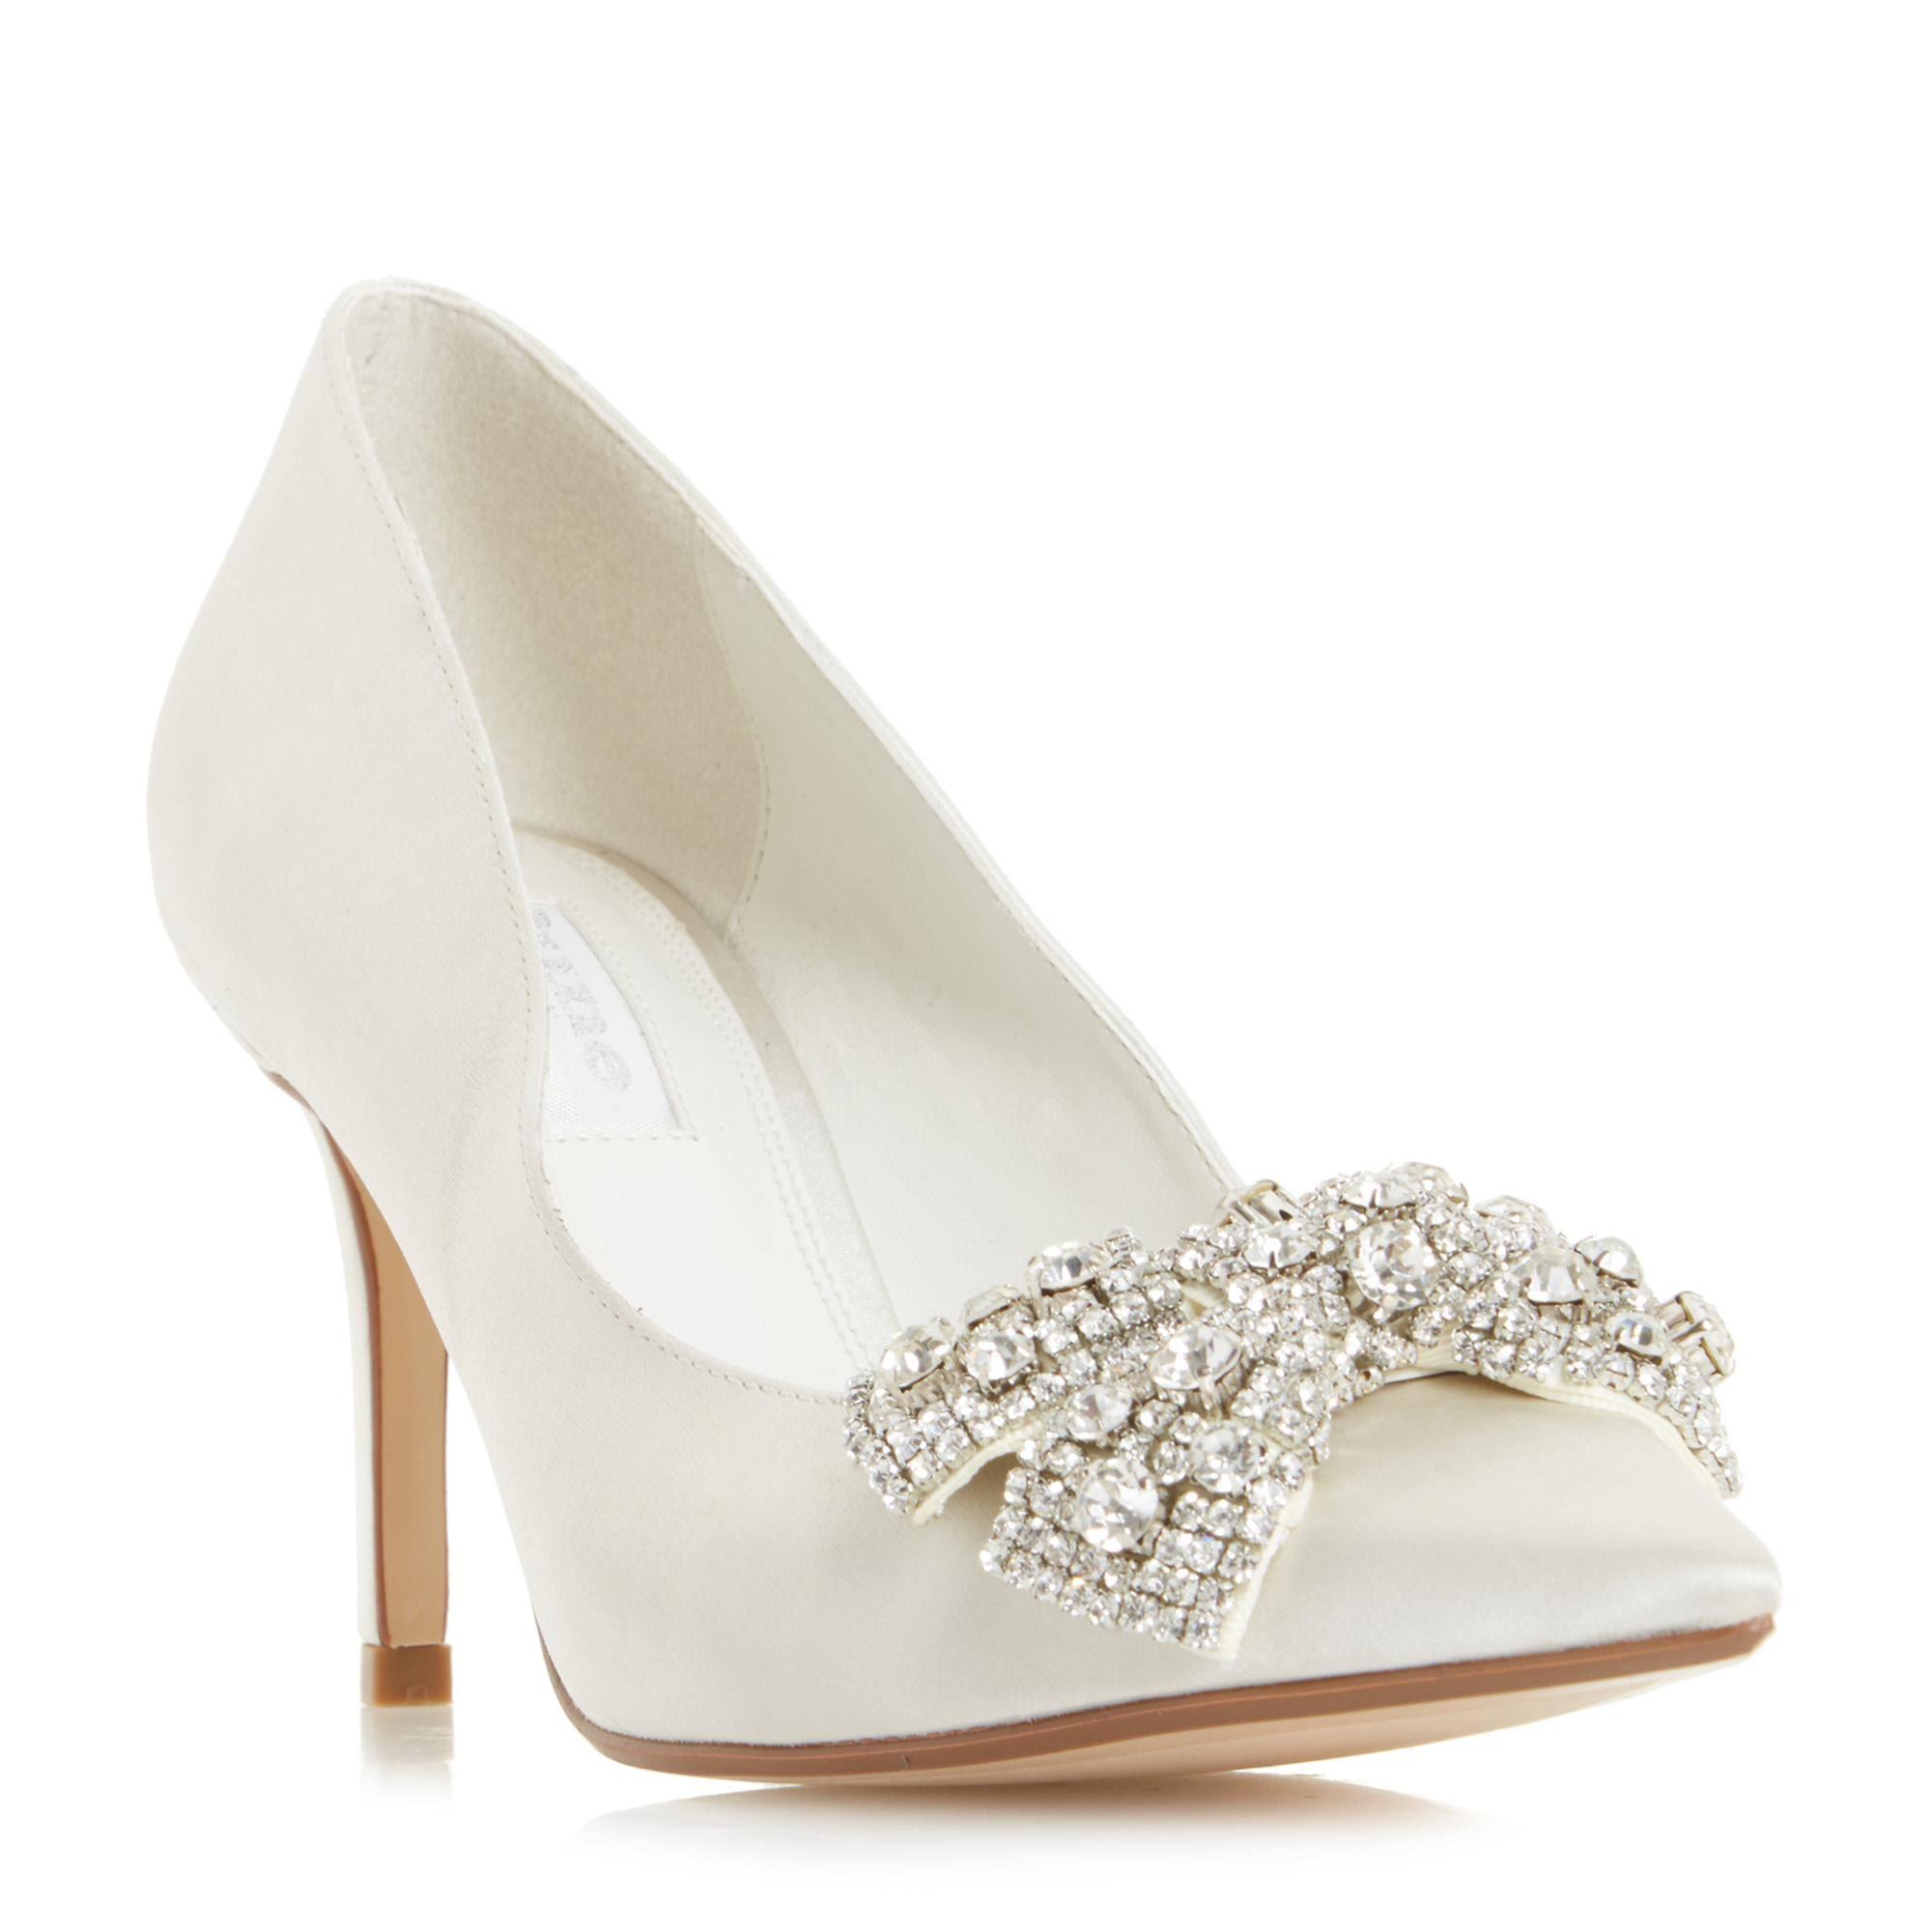 Vk Bow Dune Beaubellee 5 Jeweled In Schoen Hof Dames Maat Puntschoen Ivory PnwOkNX08Z